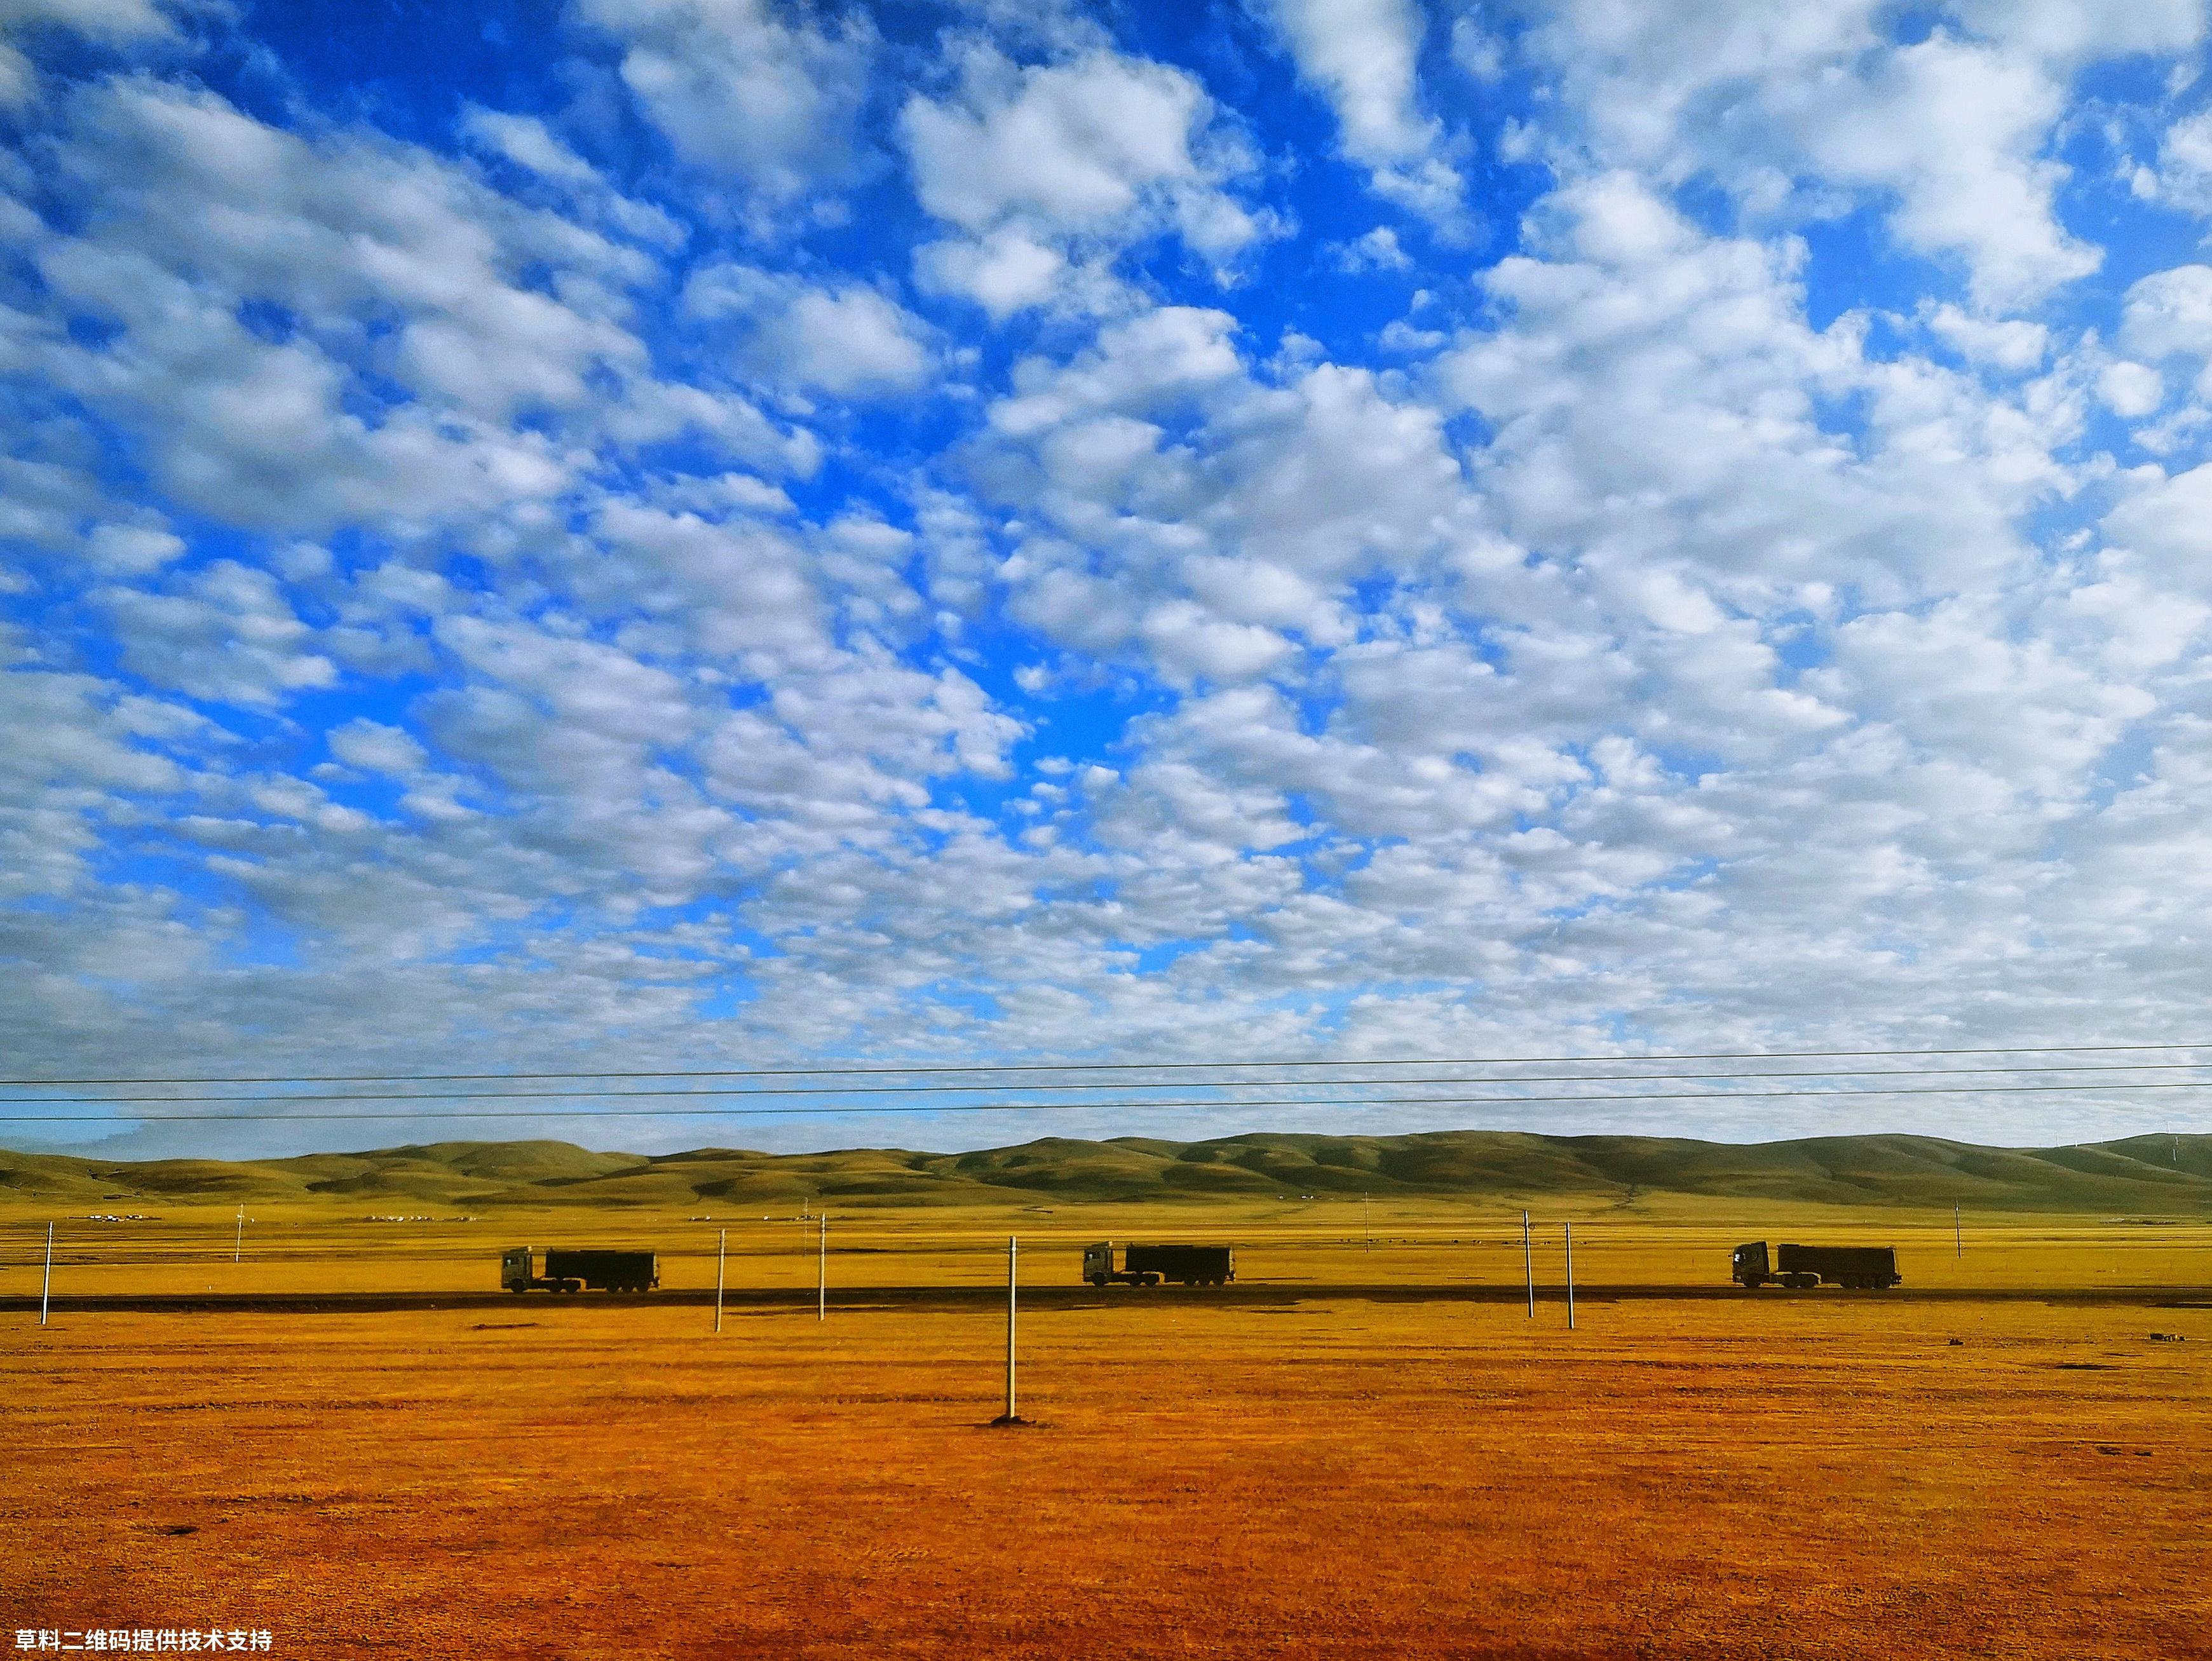 张金英《运输线》HUAWEI,去西藏火车上抓拍。.jpg